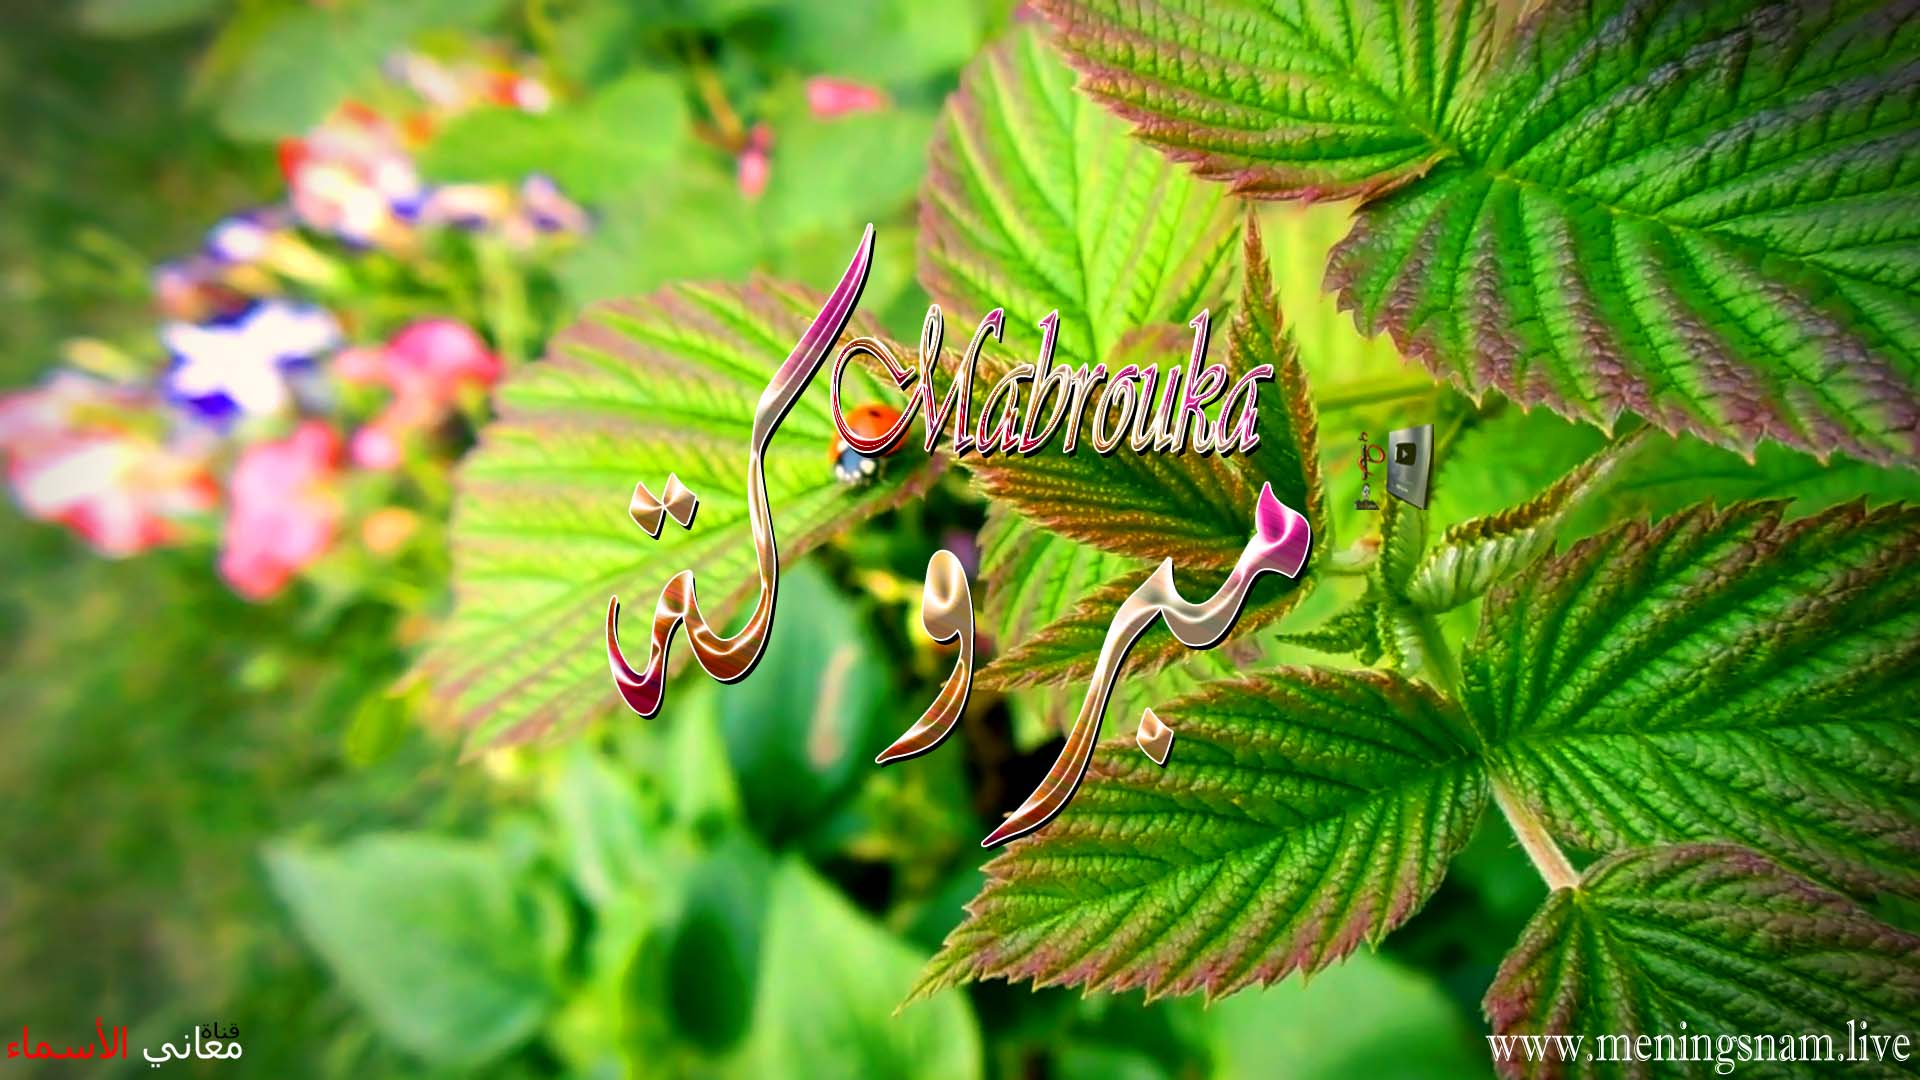 معنى اسم مبروكة وصفات حاملة هذا الاسم Mabrouka